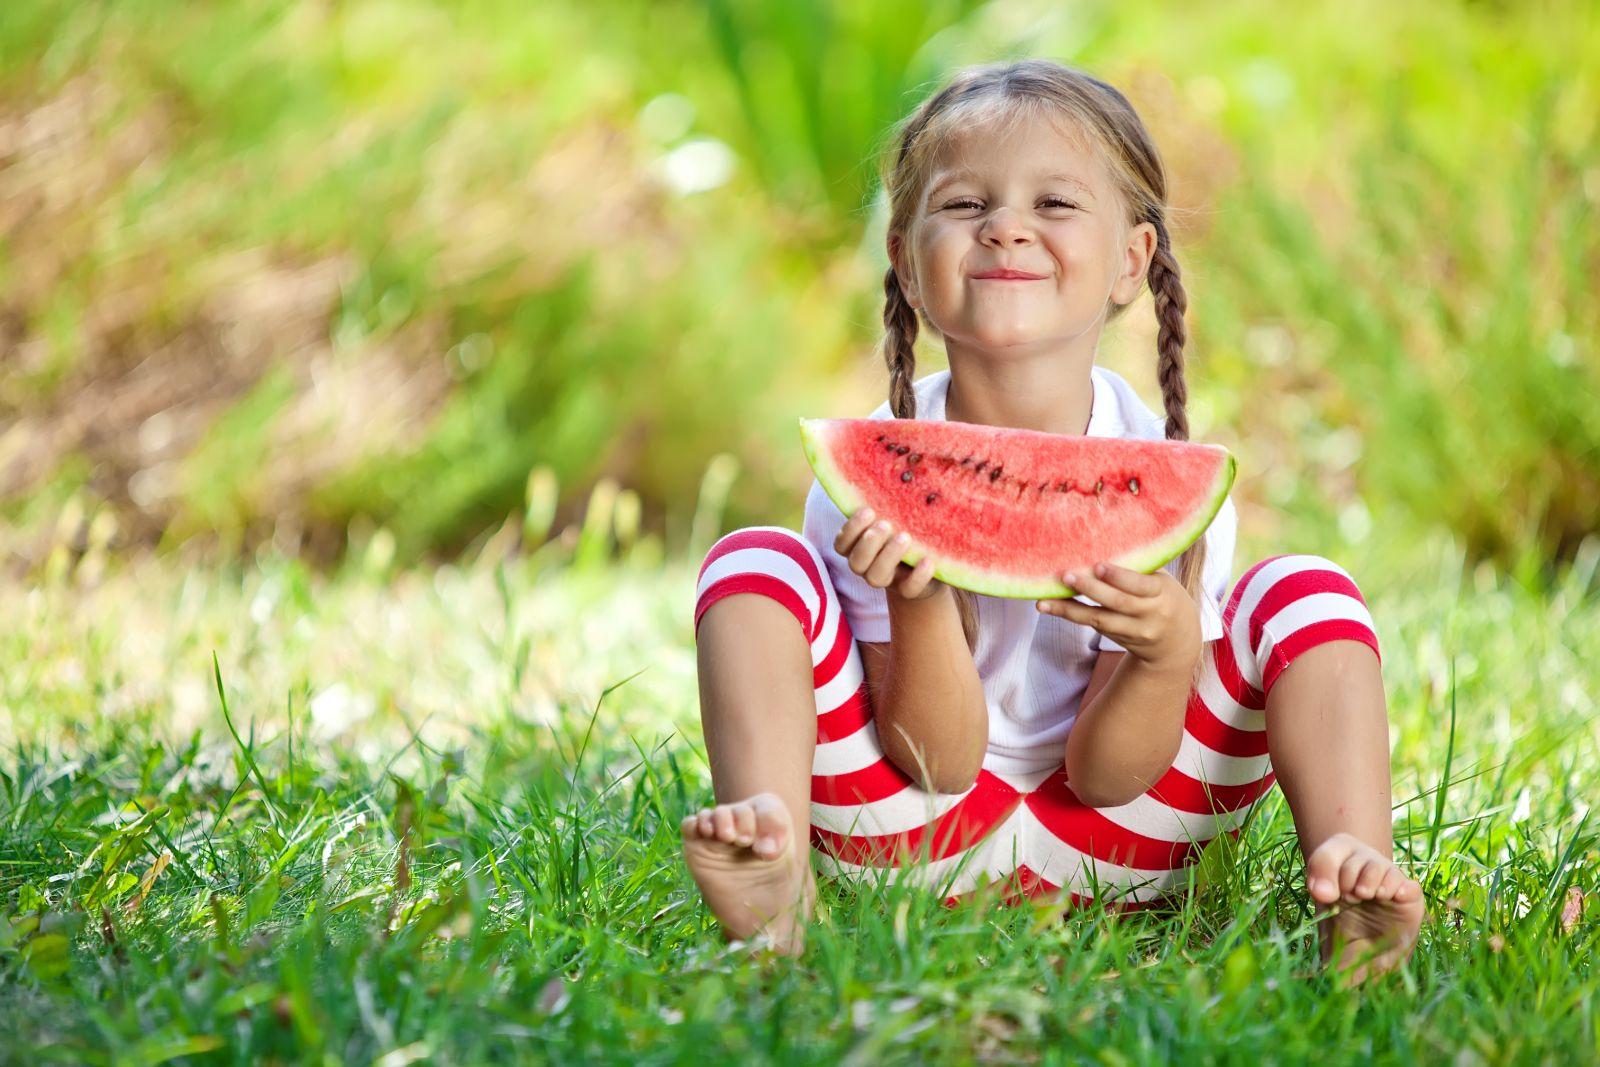 34ba7afed ... užívame si teplé slnečné lúče a omnoho viac času trávime spolu. Avšak,  obzvlášť u detí treba počas letných horúčav dbať na niekoľko dôležitých  vecí.